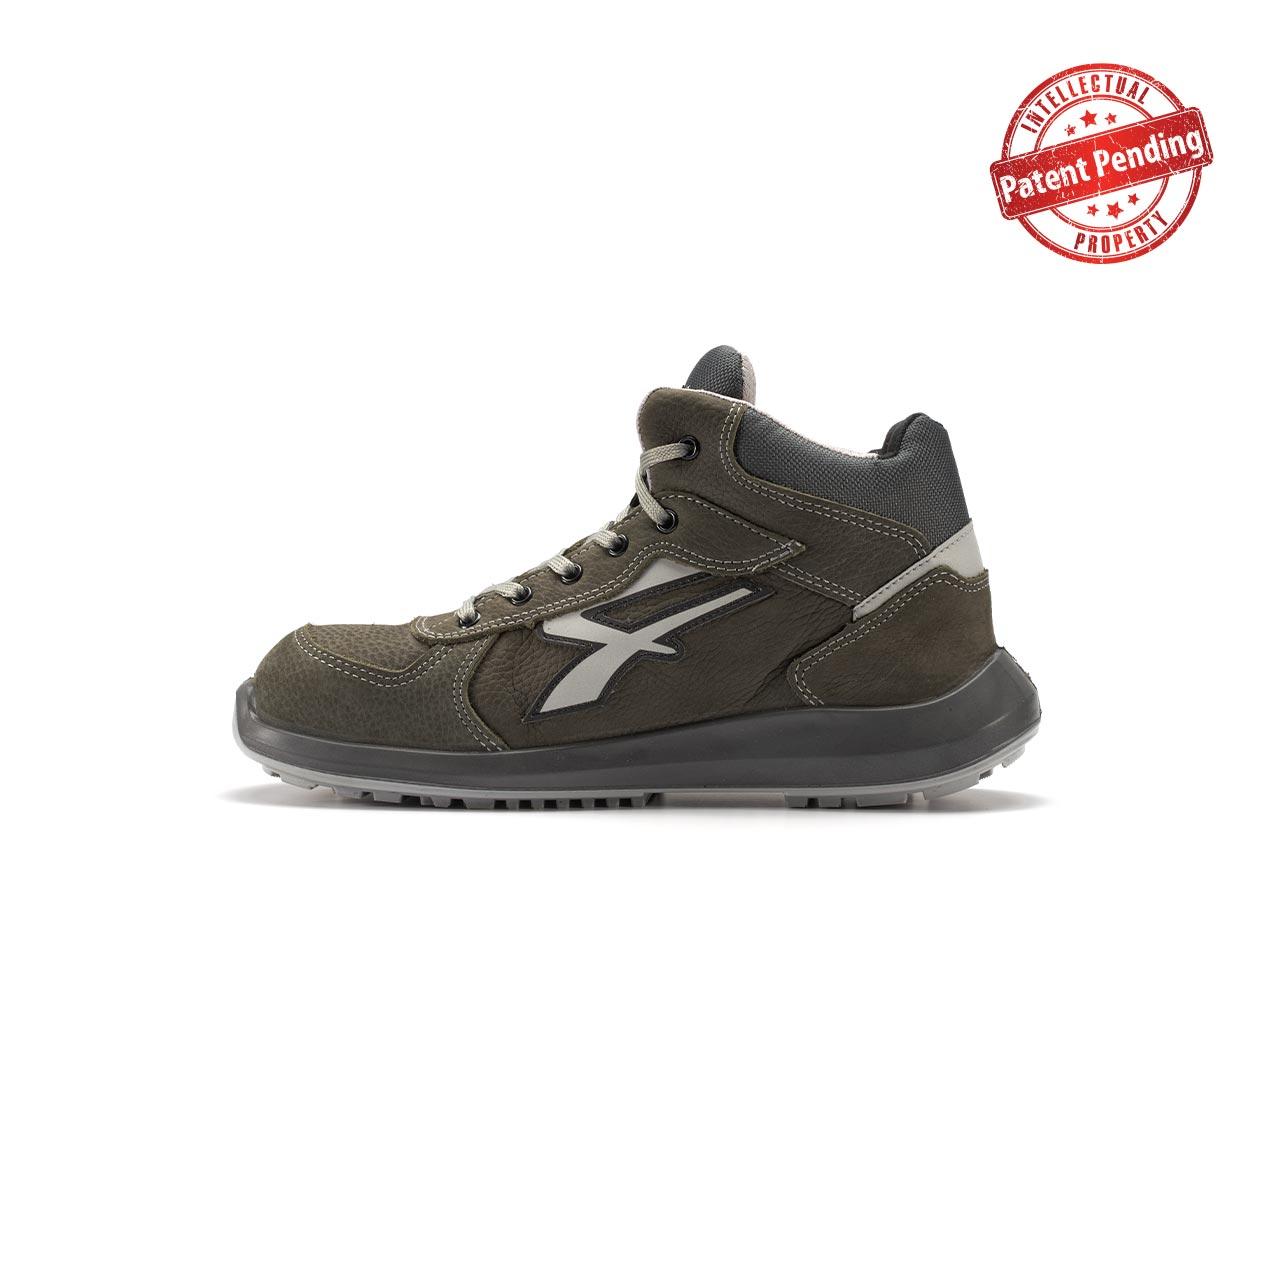 calzatura da lavoro alta upower modello merak linea redup vista lato sinistra